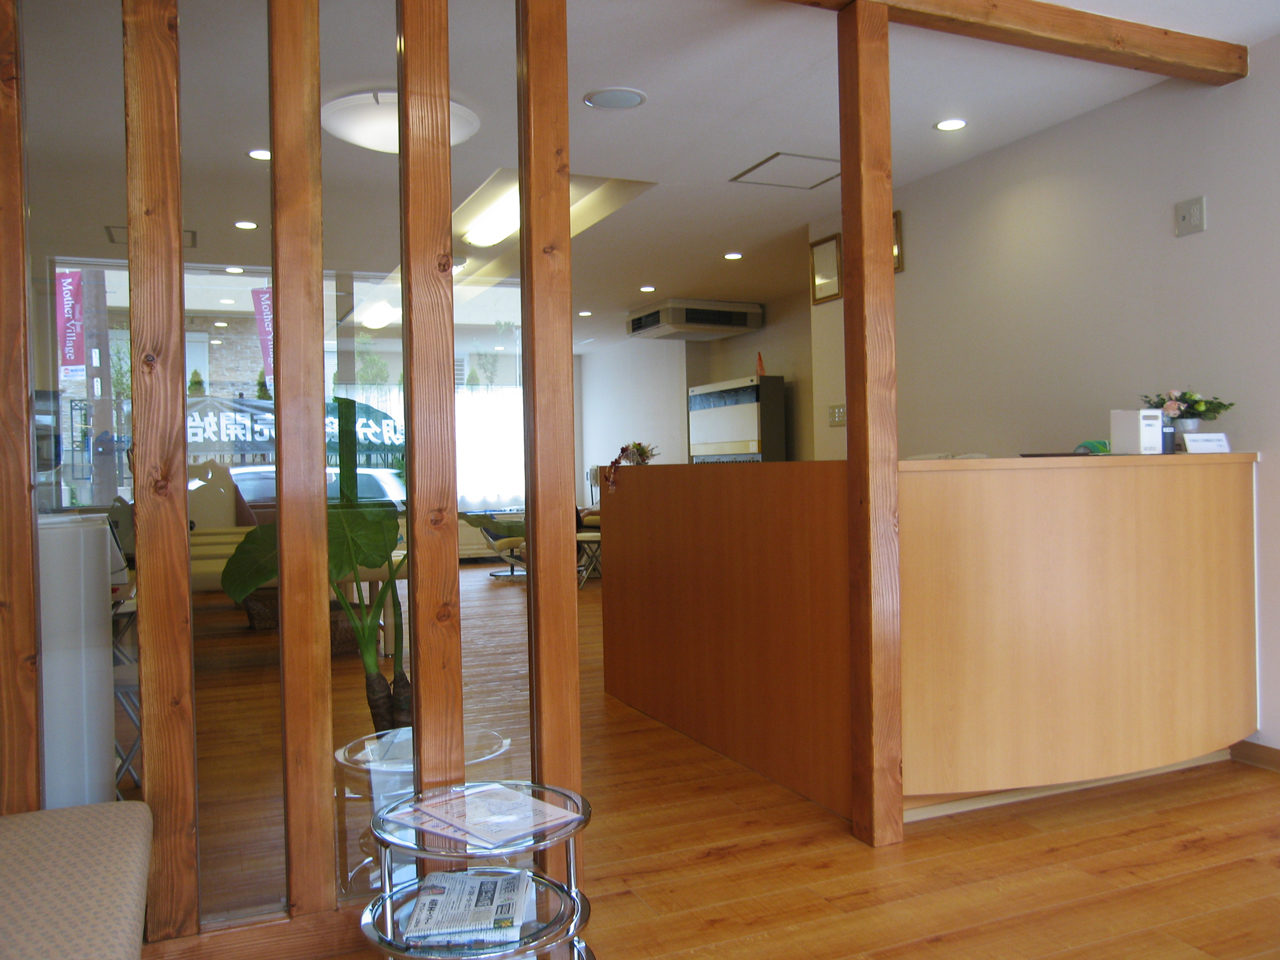 接骨院のテナント店舗改装デザイン、増築設計の受付カウンター、待合室|岐阜県岐阜市